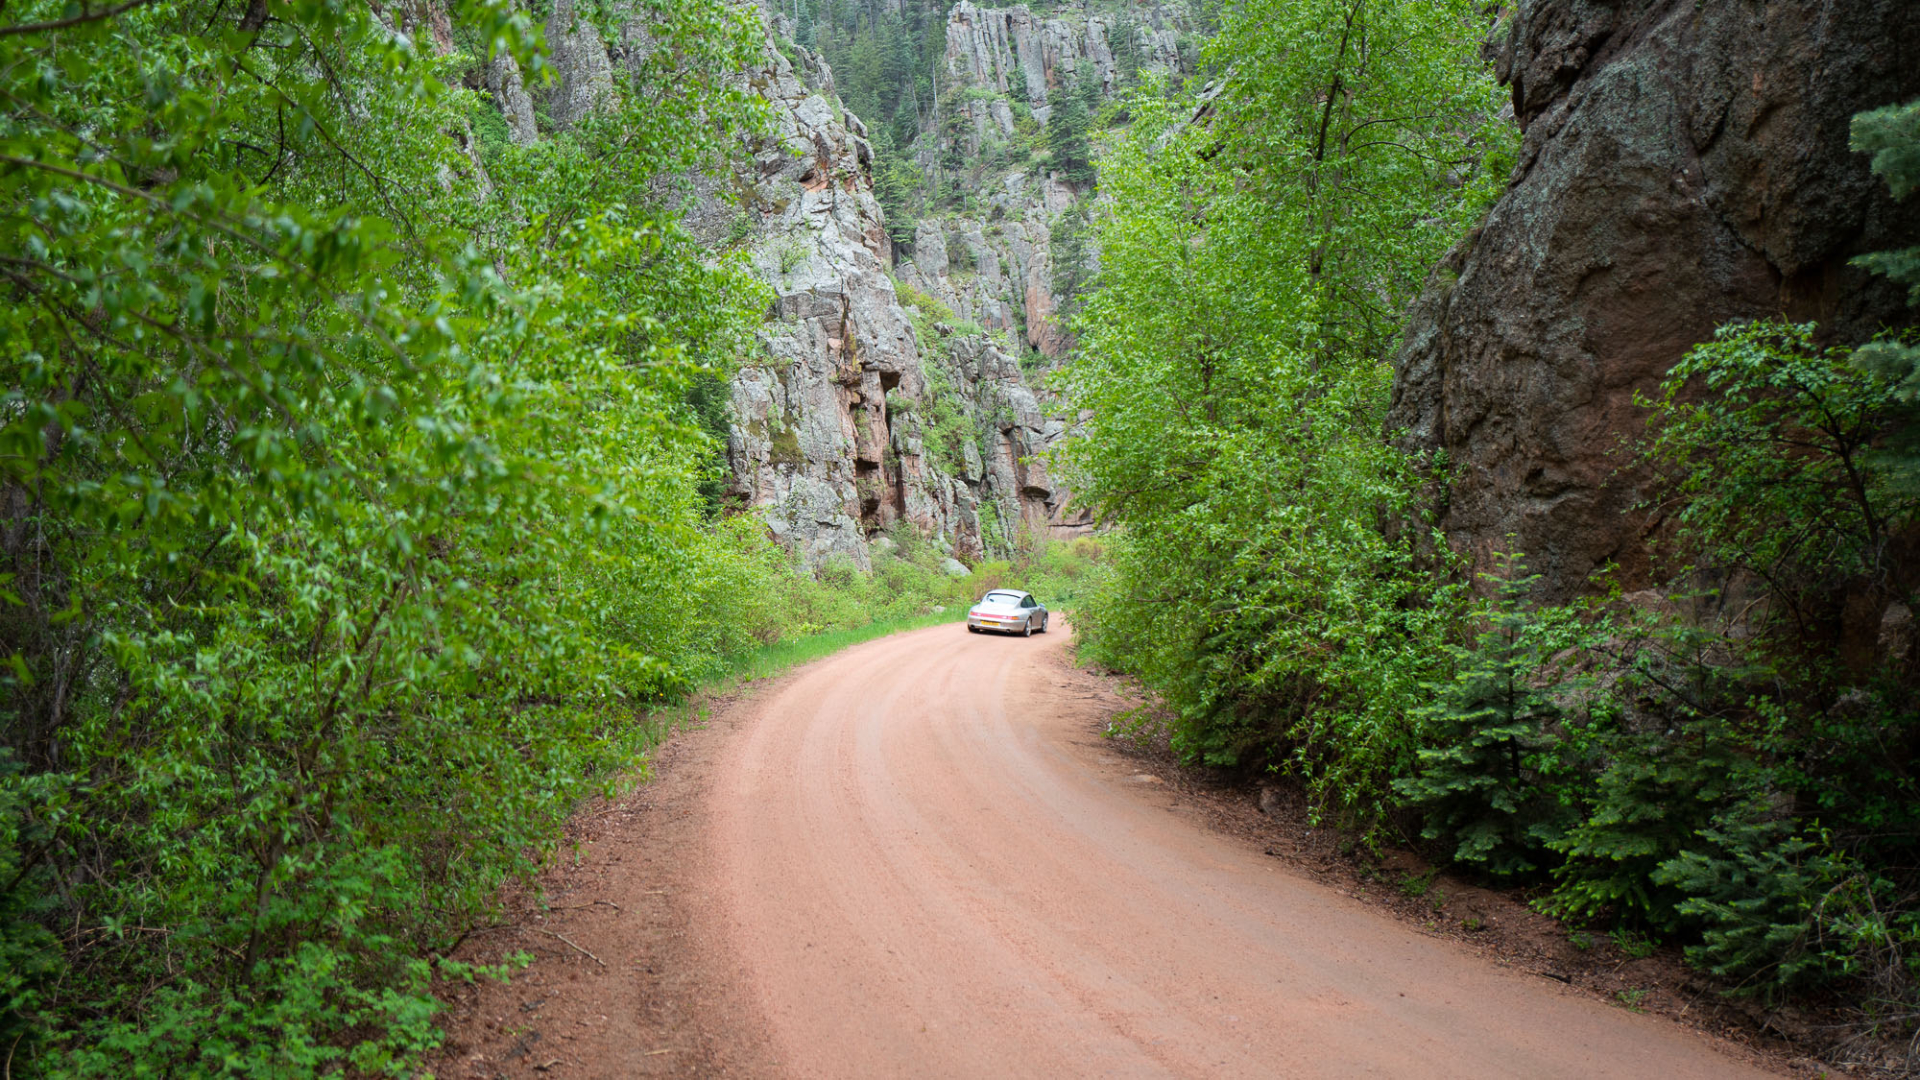 993 Roadtrip